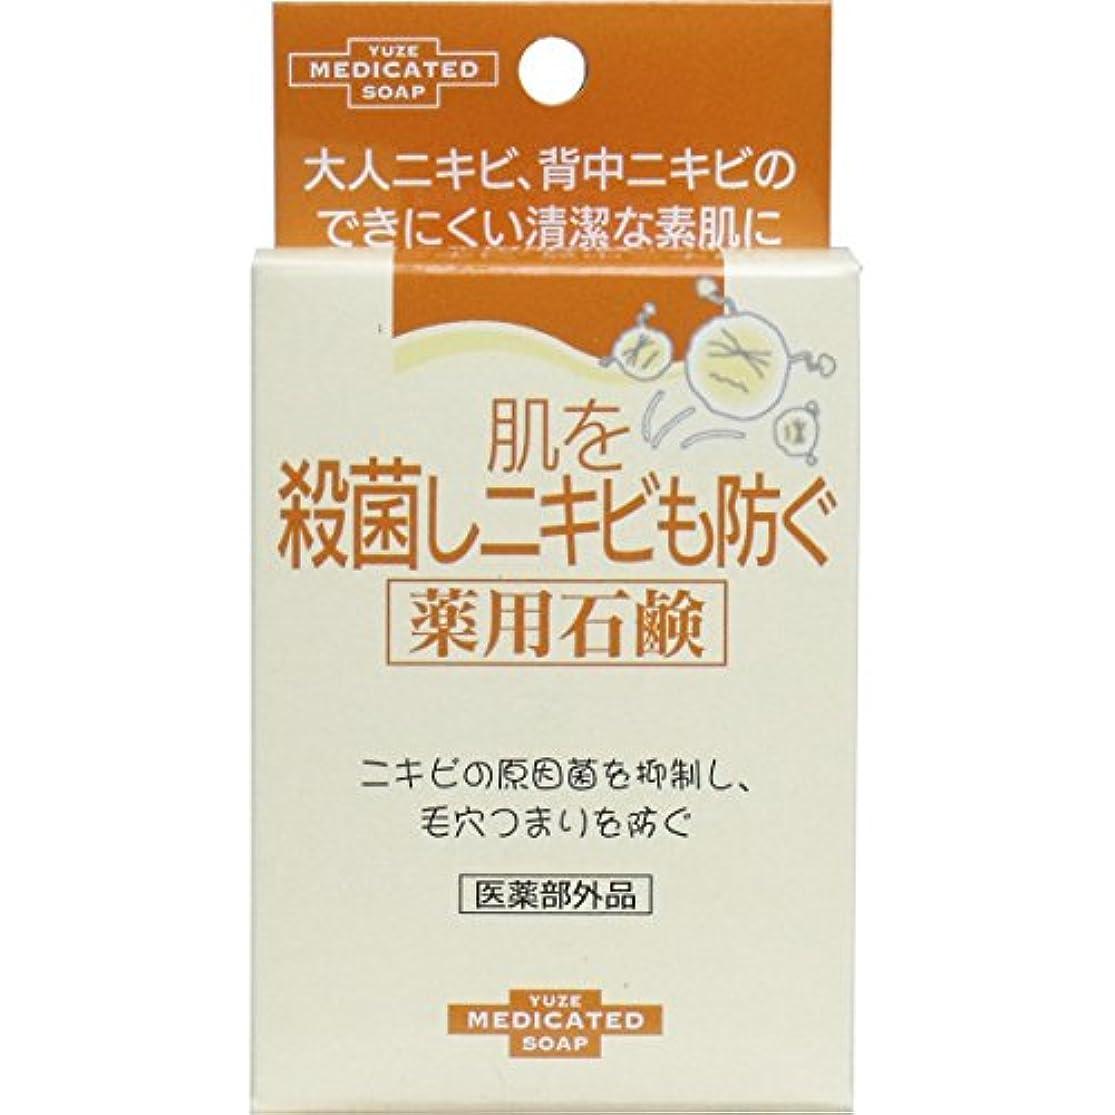 覆す口実ユゼ 肌を殺菌しニキビも防ぐ薬用石鹸 6セット